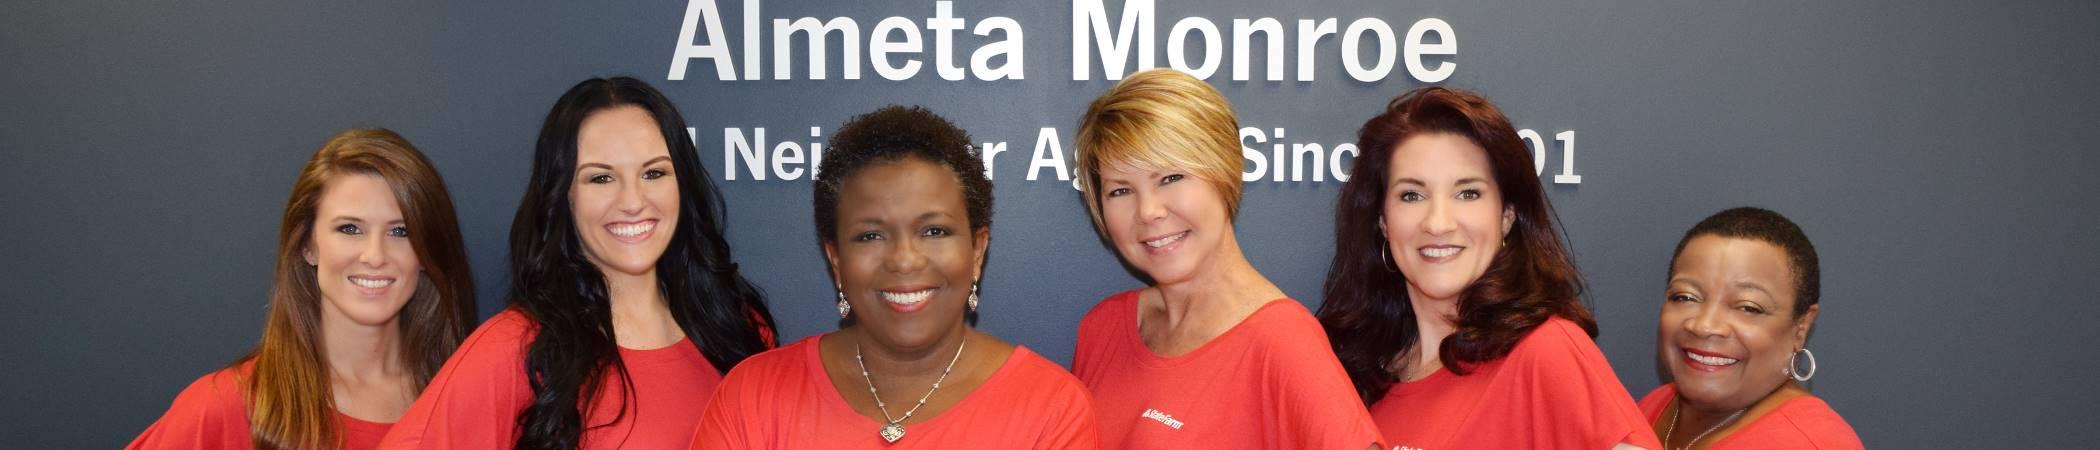 Almeta Monroe State Farm Insurance in Fleming Island, FL | Home, Auto Insurance & more